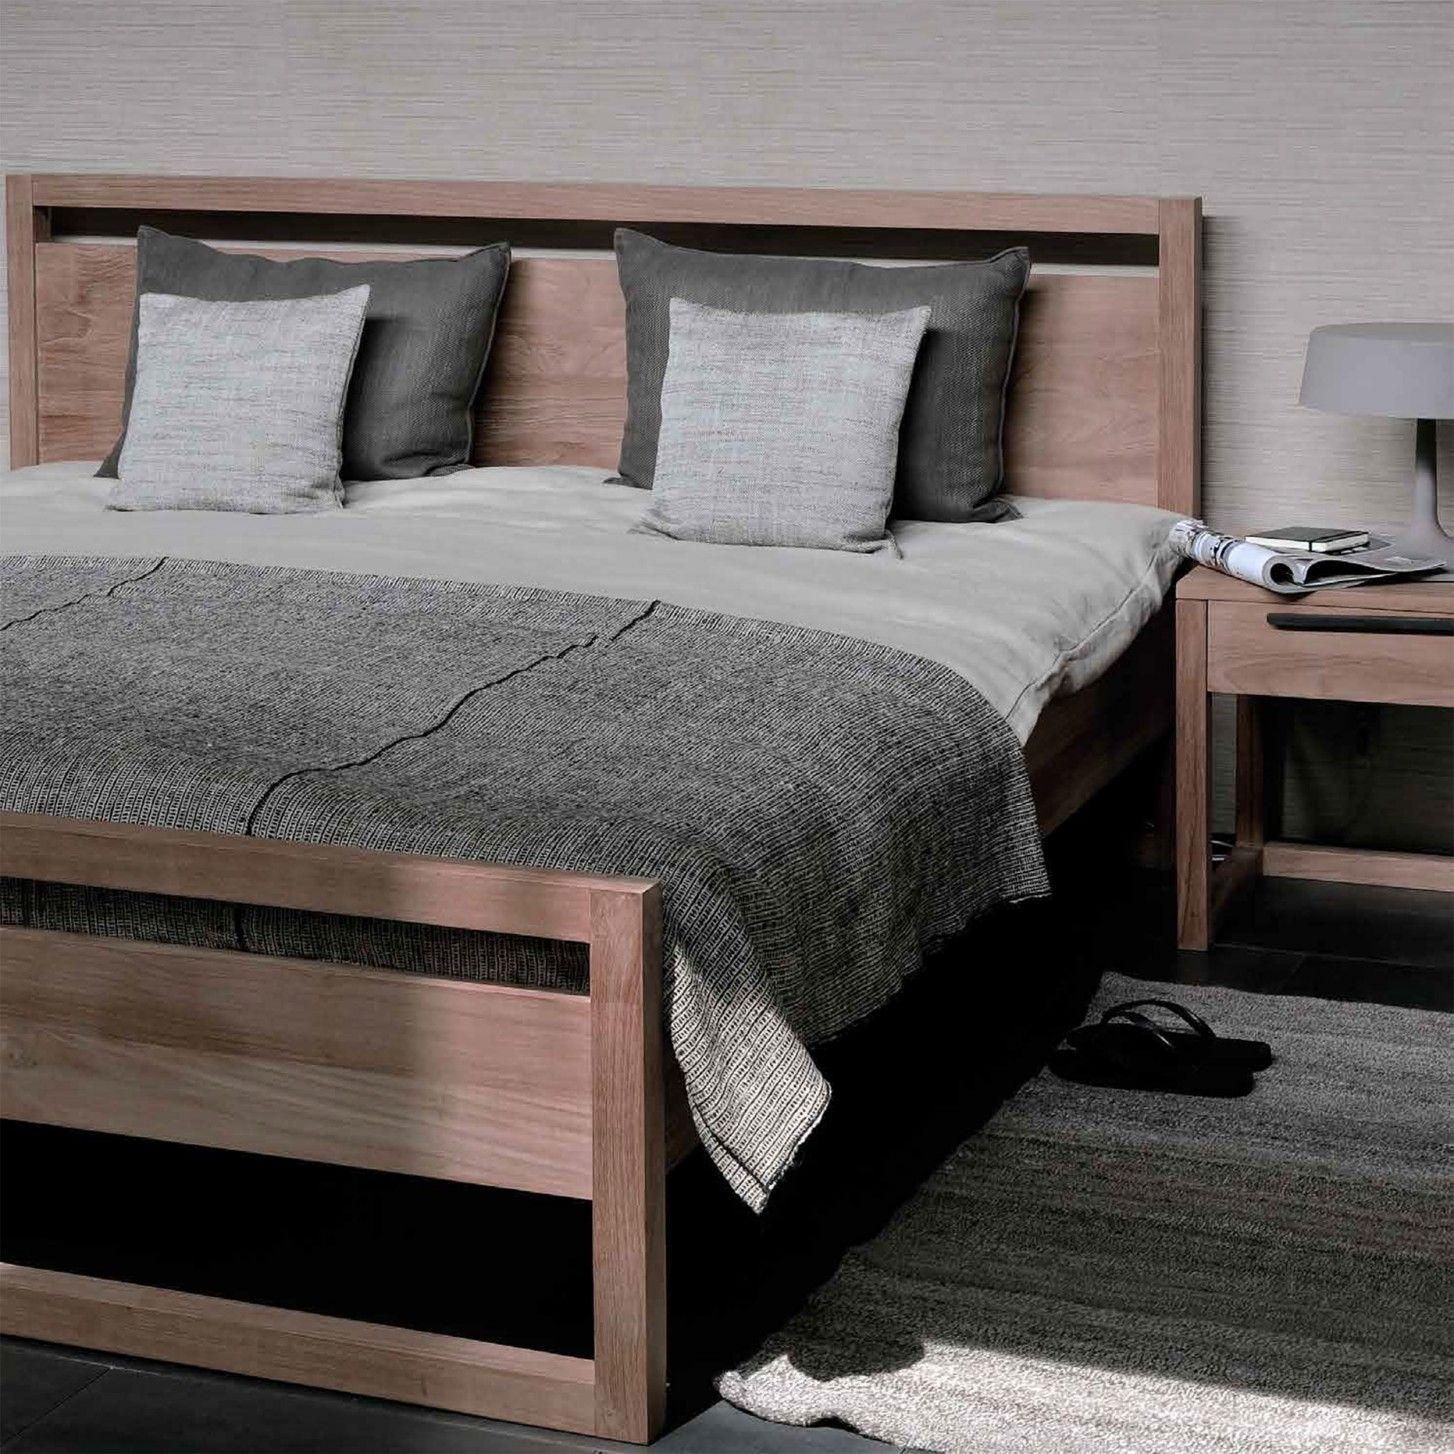 Light Frame Bett von Ethnicraft bei ikarus.de   Bed frame ...